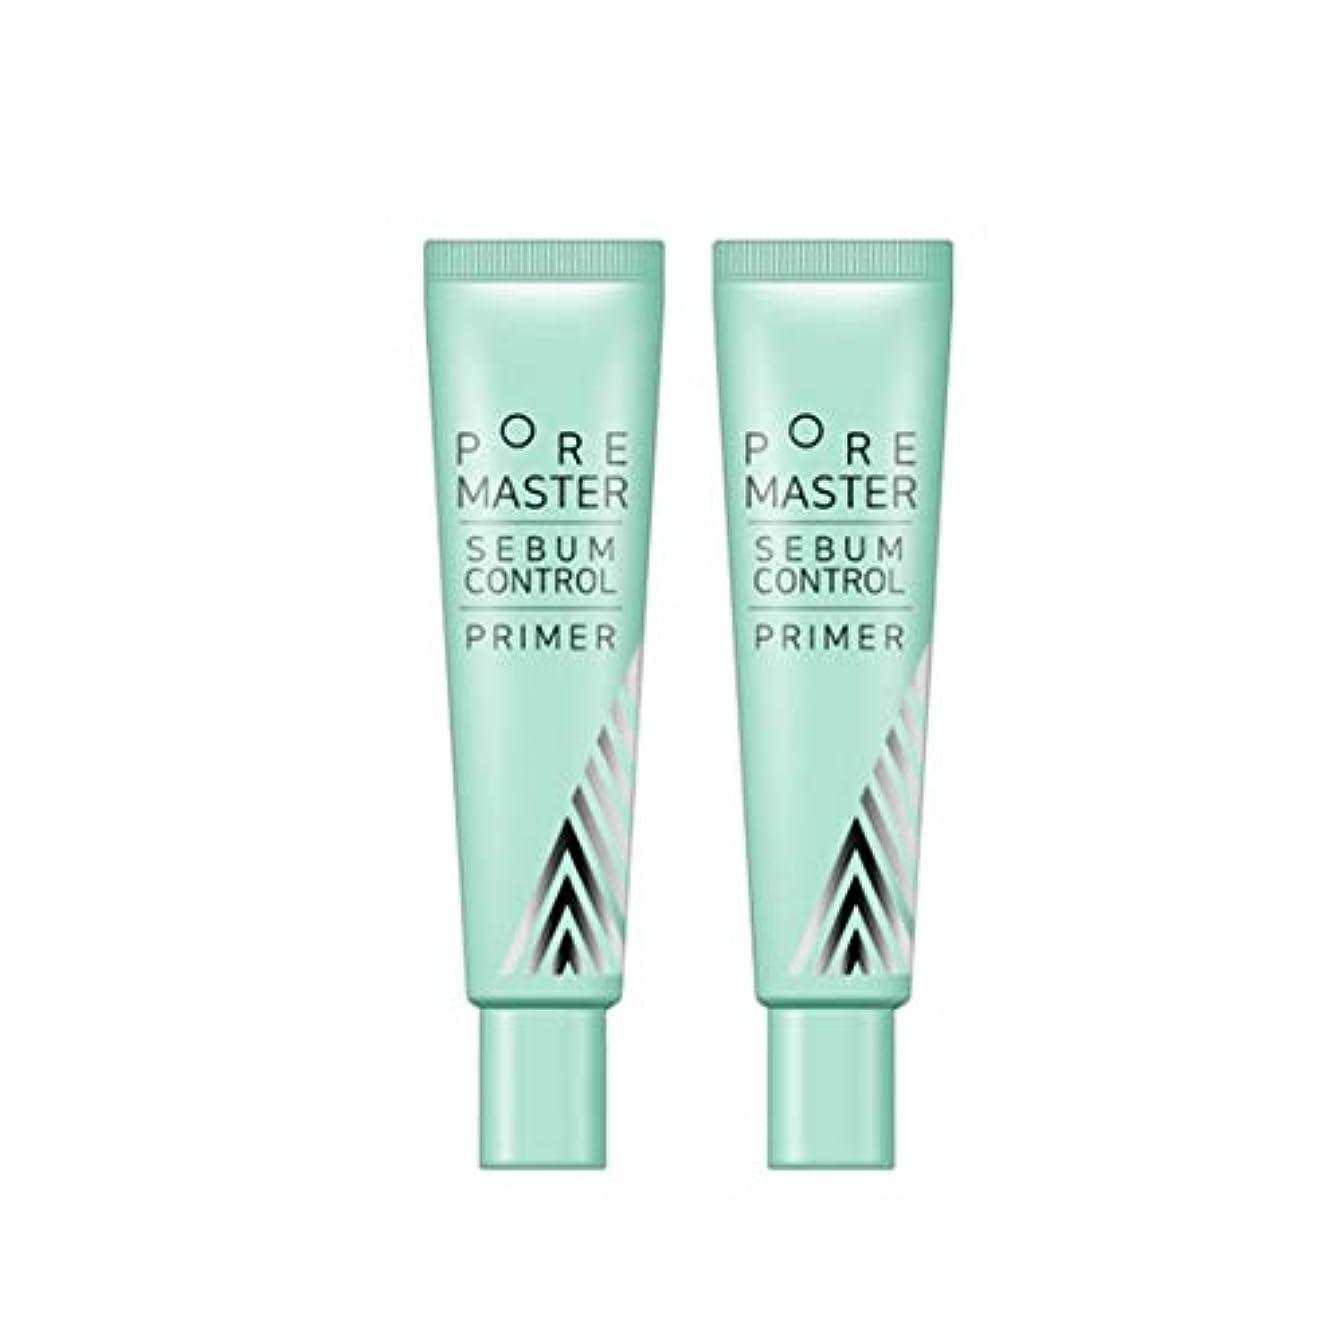 保険オーバードロー致命的なアリタウムフォアマスター皮脂コントロールプライマー25ml x2本セット毛穴ケア韓国コスメ、Aritaum Pore Master Sebum Control Primer 25ml x 2ea Set Korean Cosmetics...